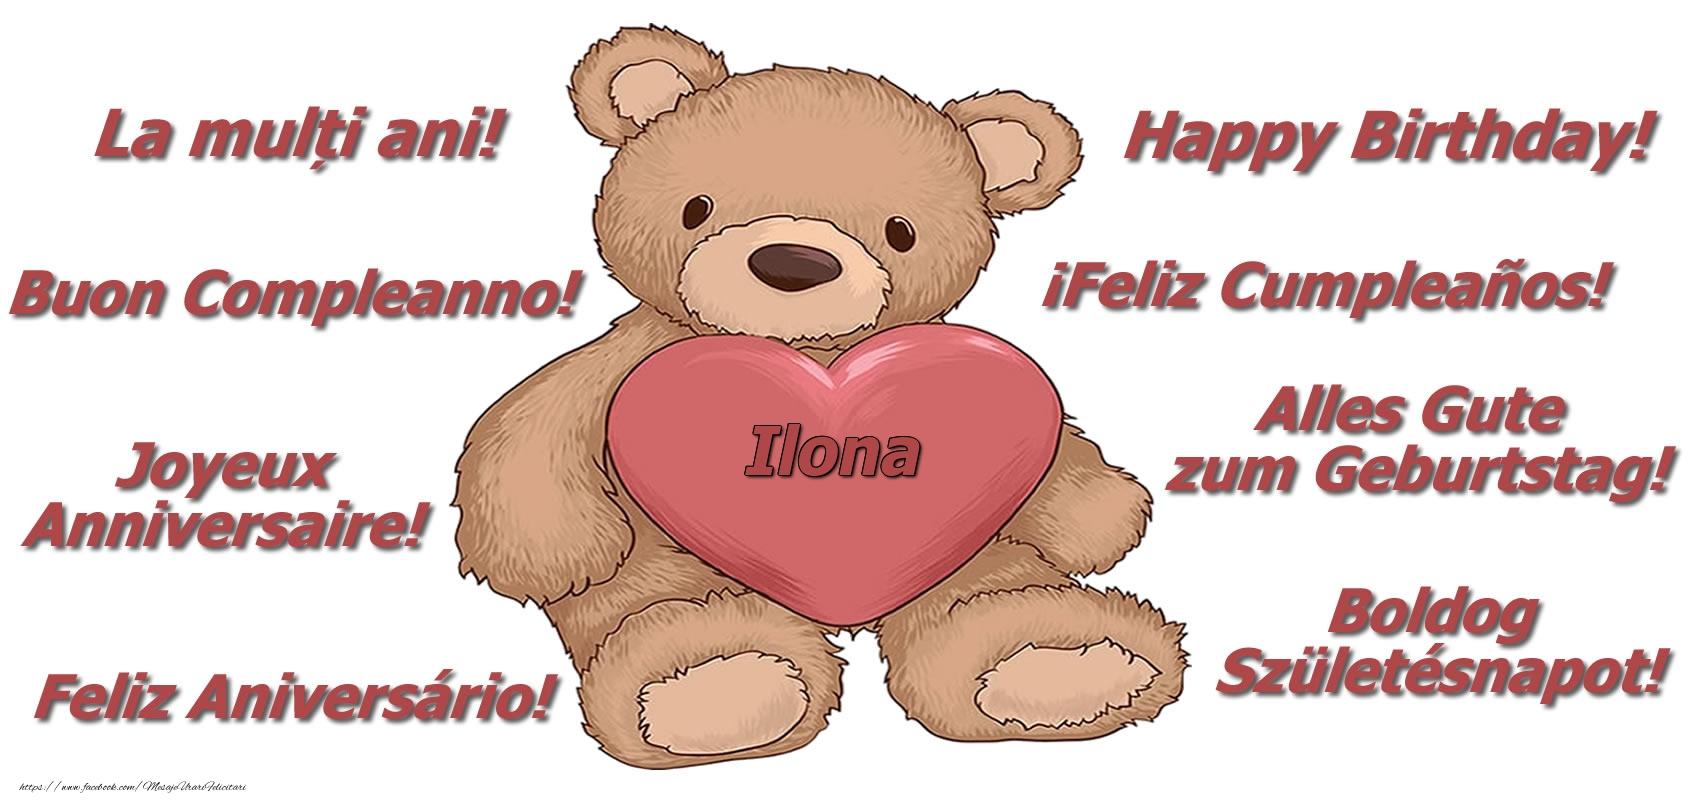 Felicitari de zi de nastere - La multi ani Ilona! - Ursulet